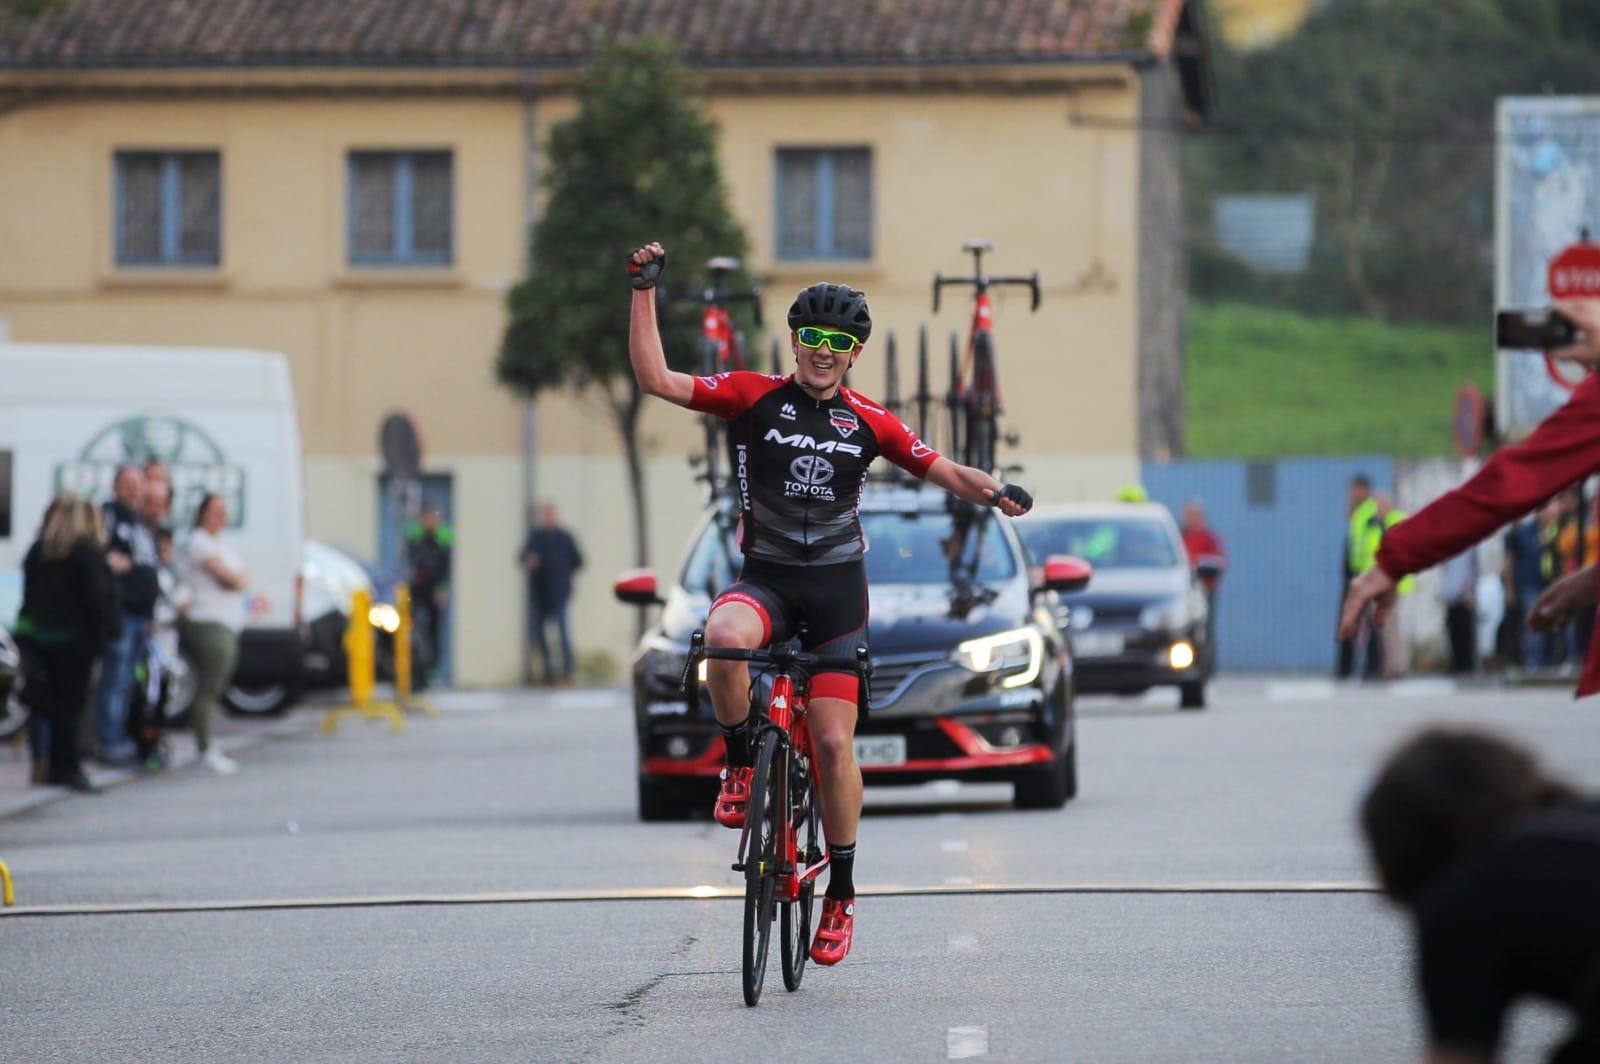 Sergio García, del MMR Academy, se exhibe en el Trofeo Laguna y se proclama Campeón de Asturias juvenil